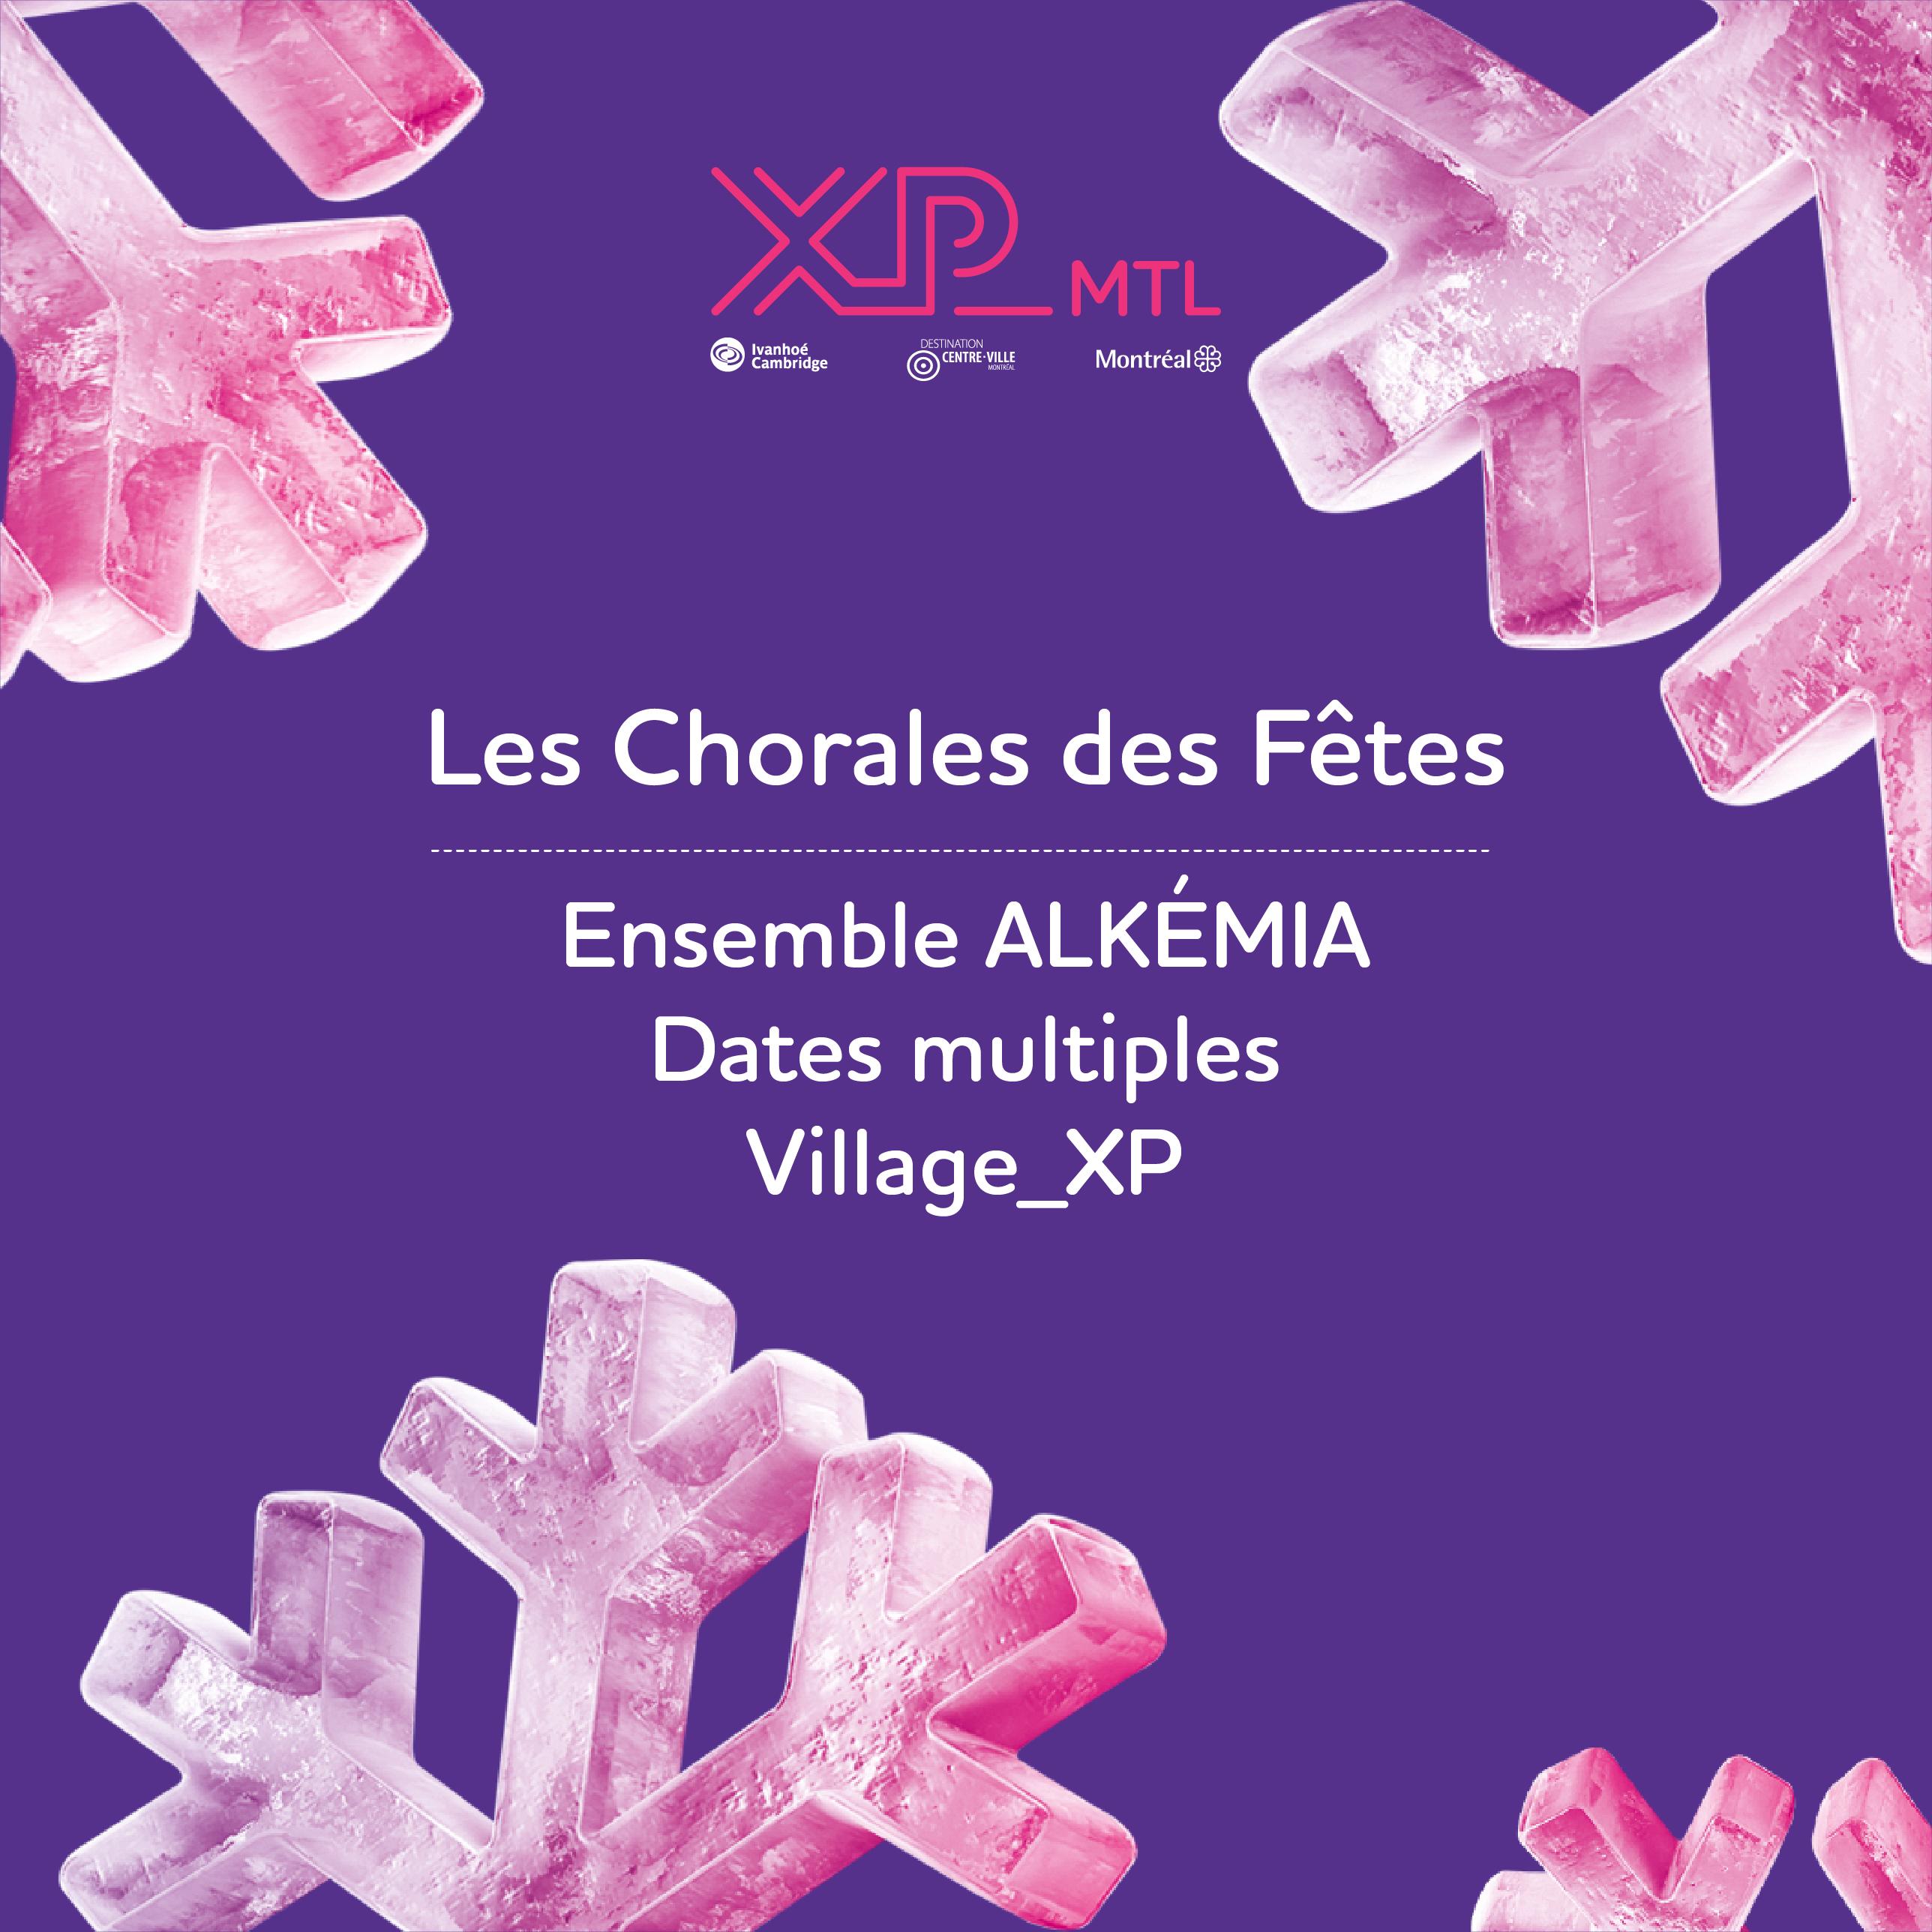 XP_MTL présente les Chorales des Fêtes – Ensemble Alkémia